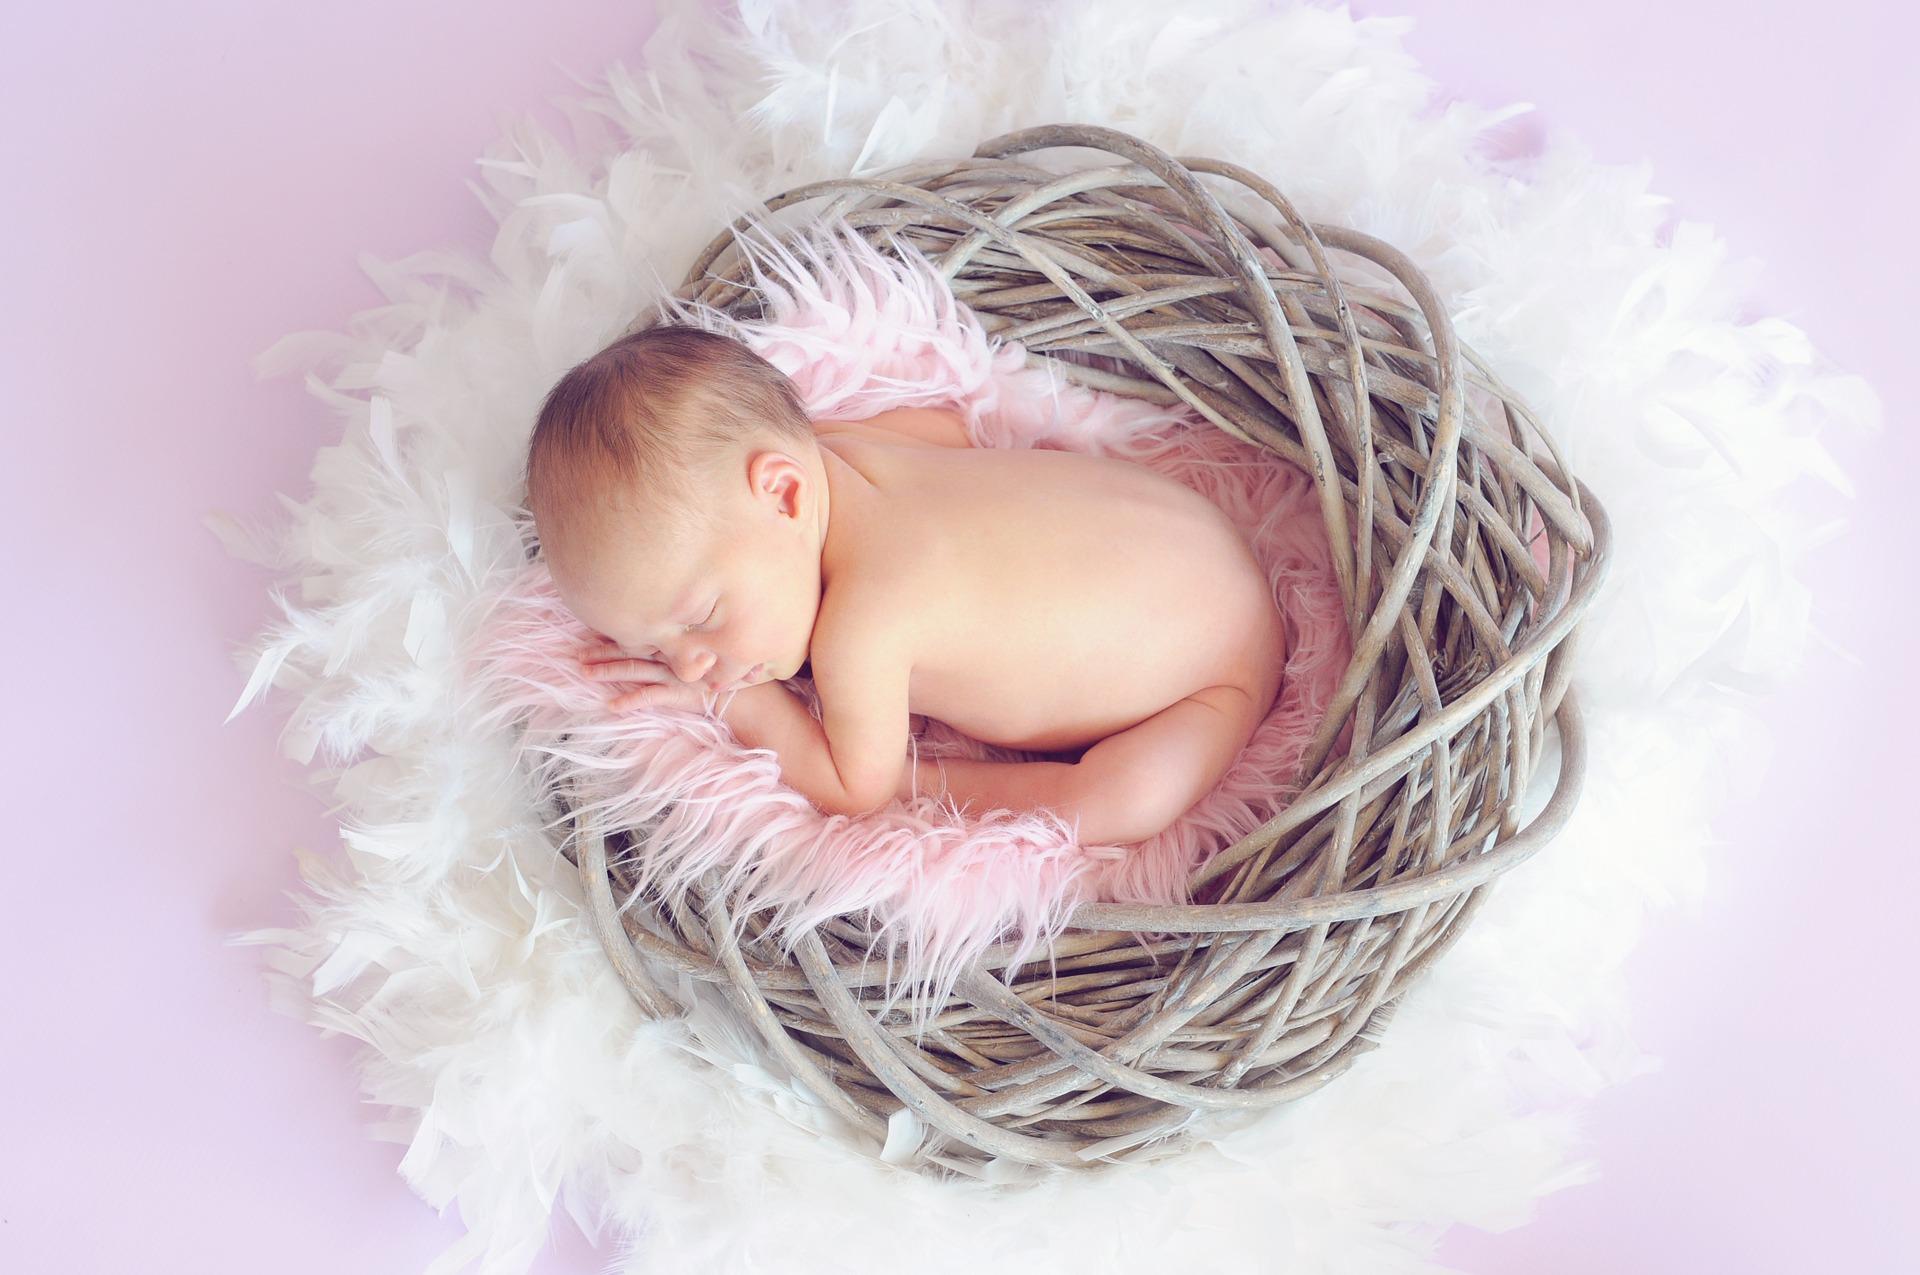 Справка о неполучении пособия при рождении ребенка образец